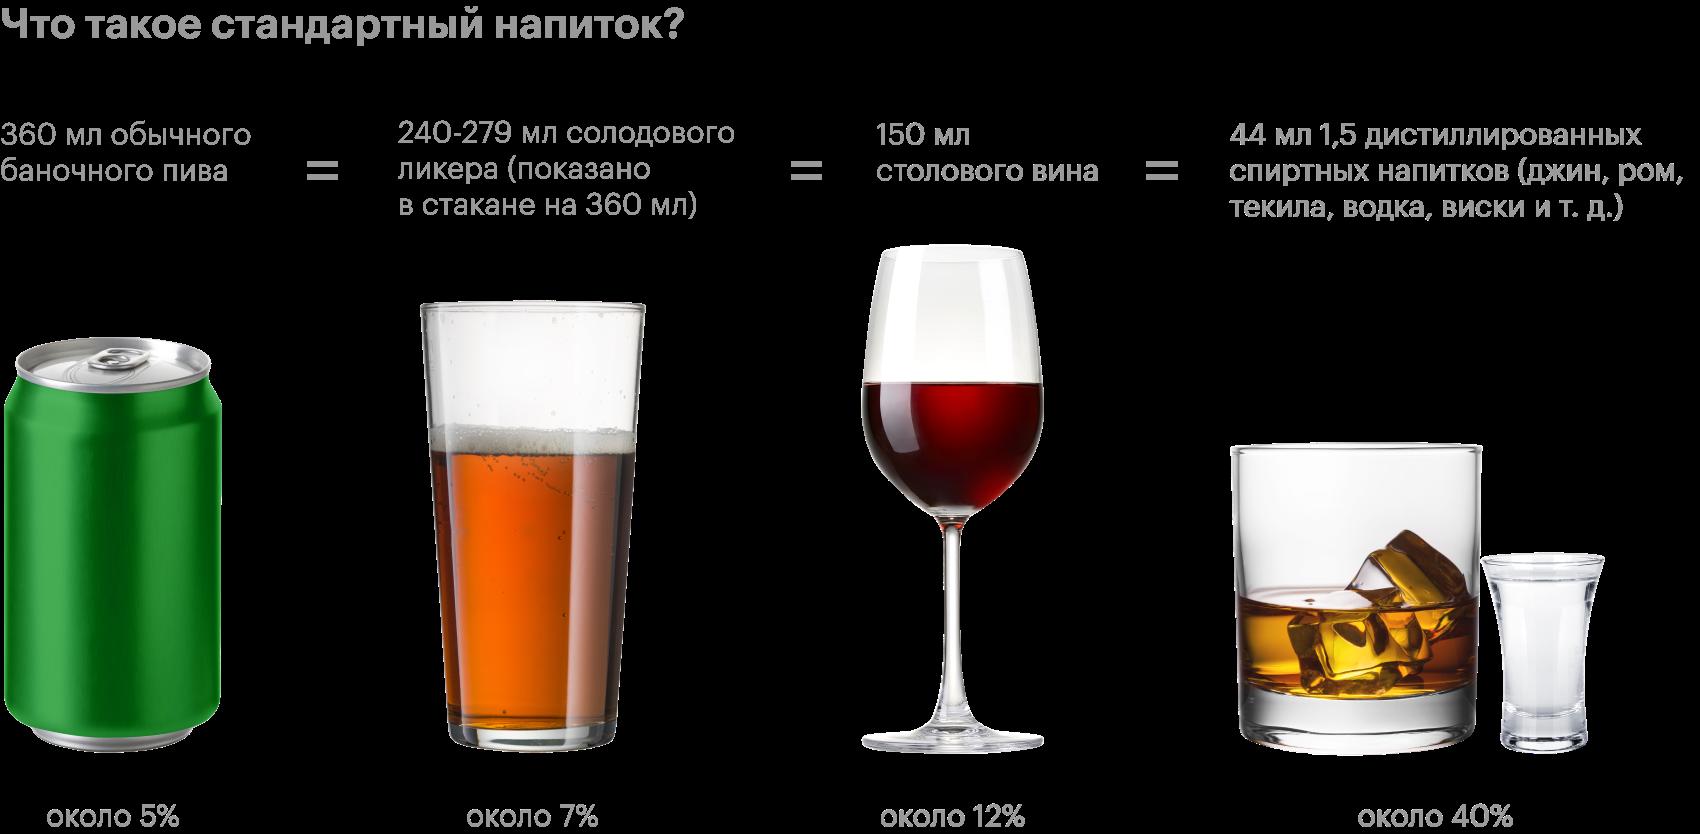 Каждый напиток, изображенный выше, — один стандартный напиток, или один эквивалент алкогольного напитка. В США это любой напиток, содержащий 6 жидких унций или 14 граммов чистого спирта. Процент чистого спирта, выраженный здесь как алкоголь по объему (alc/vol), варьируется в разных напитках. Хотя этот стандарт удобен для соблюдения рекомендаций по здоровью, он может не отражать обычные размеры порций. Источник: NIAAA